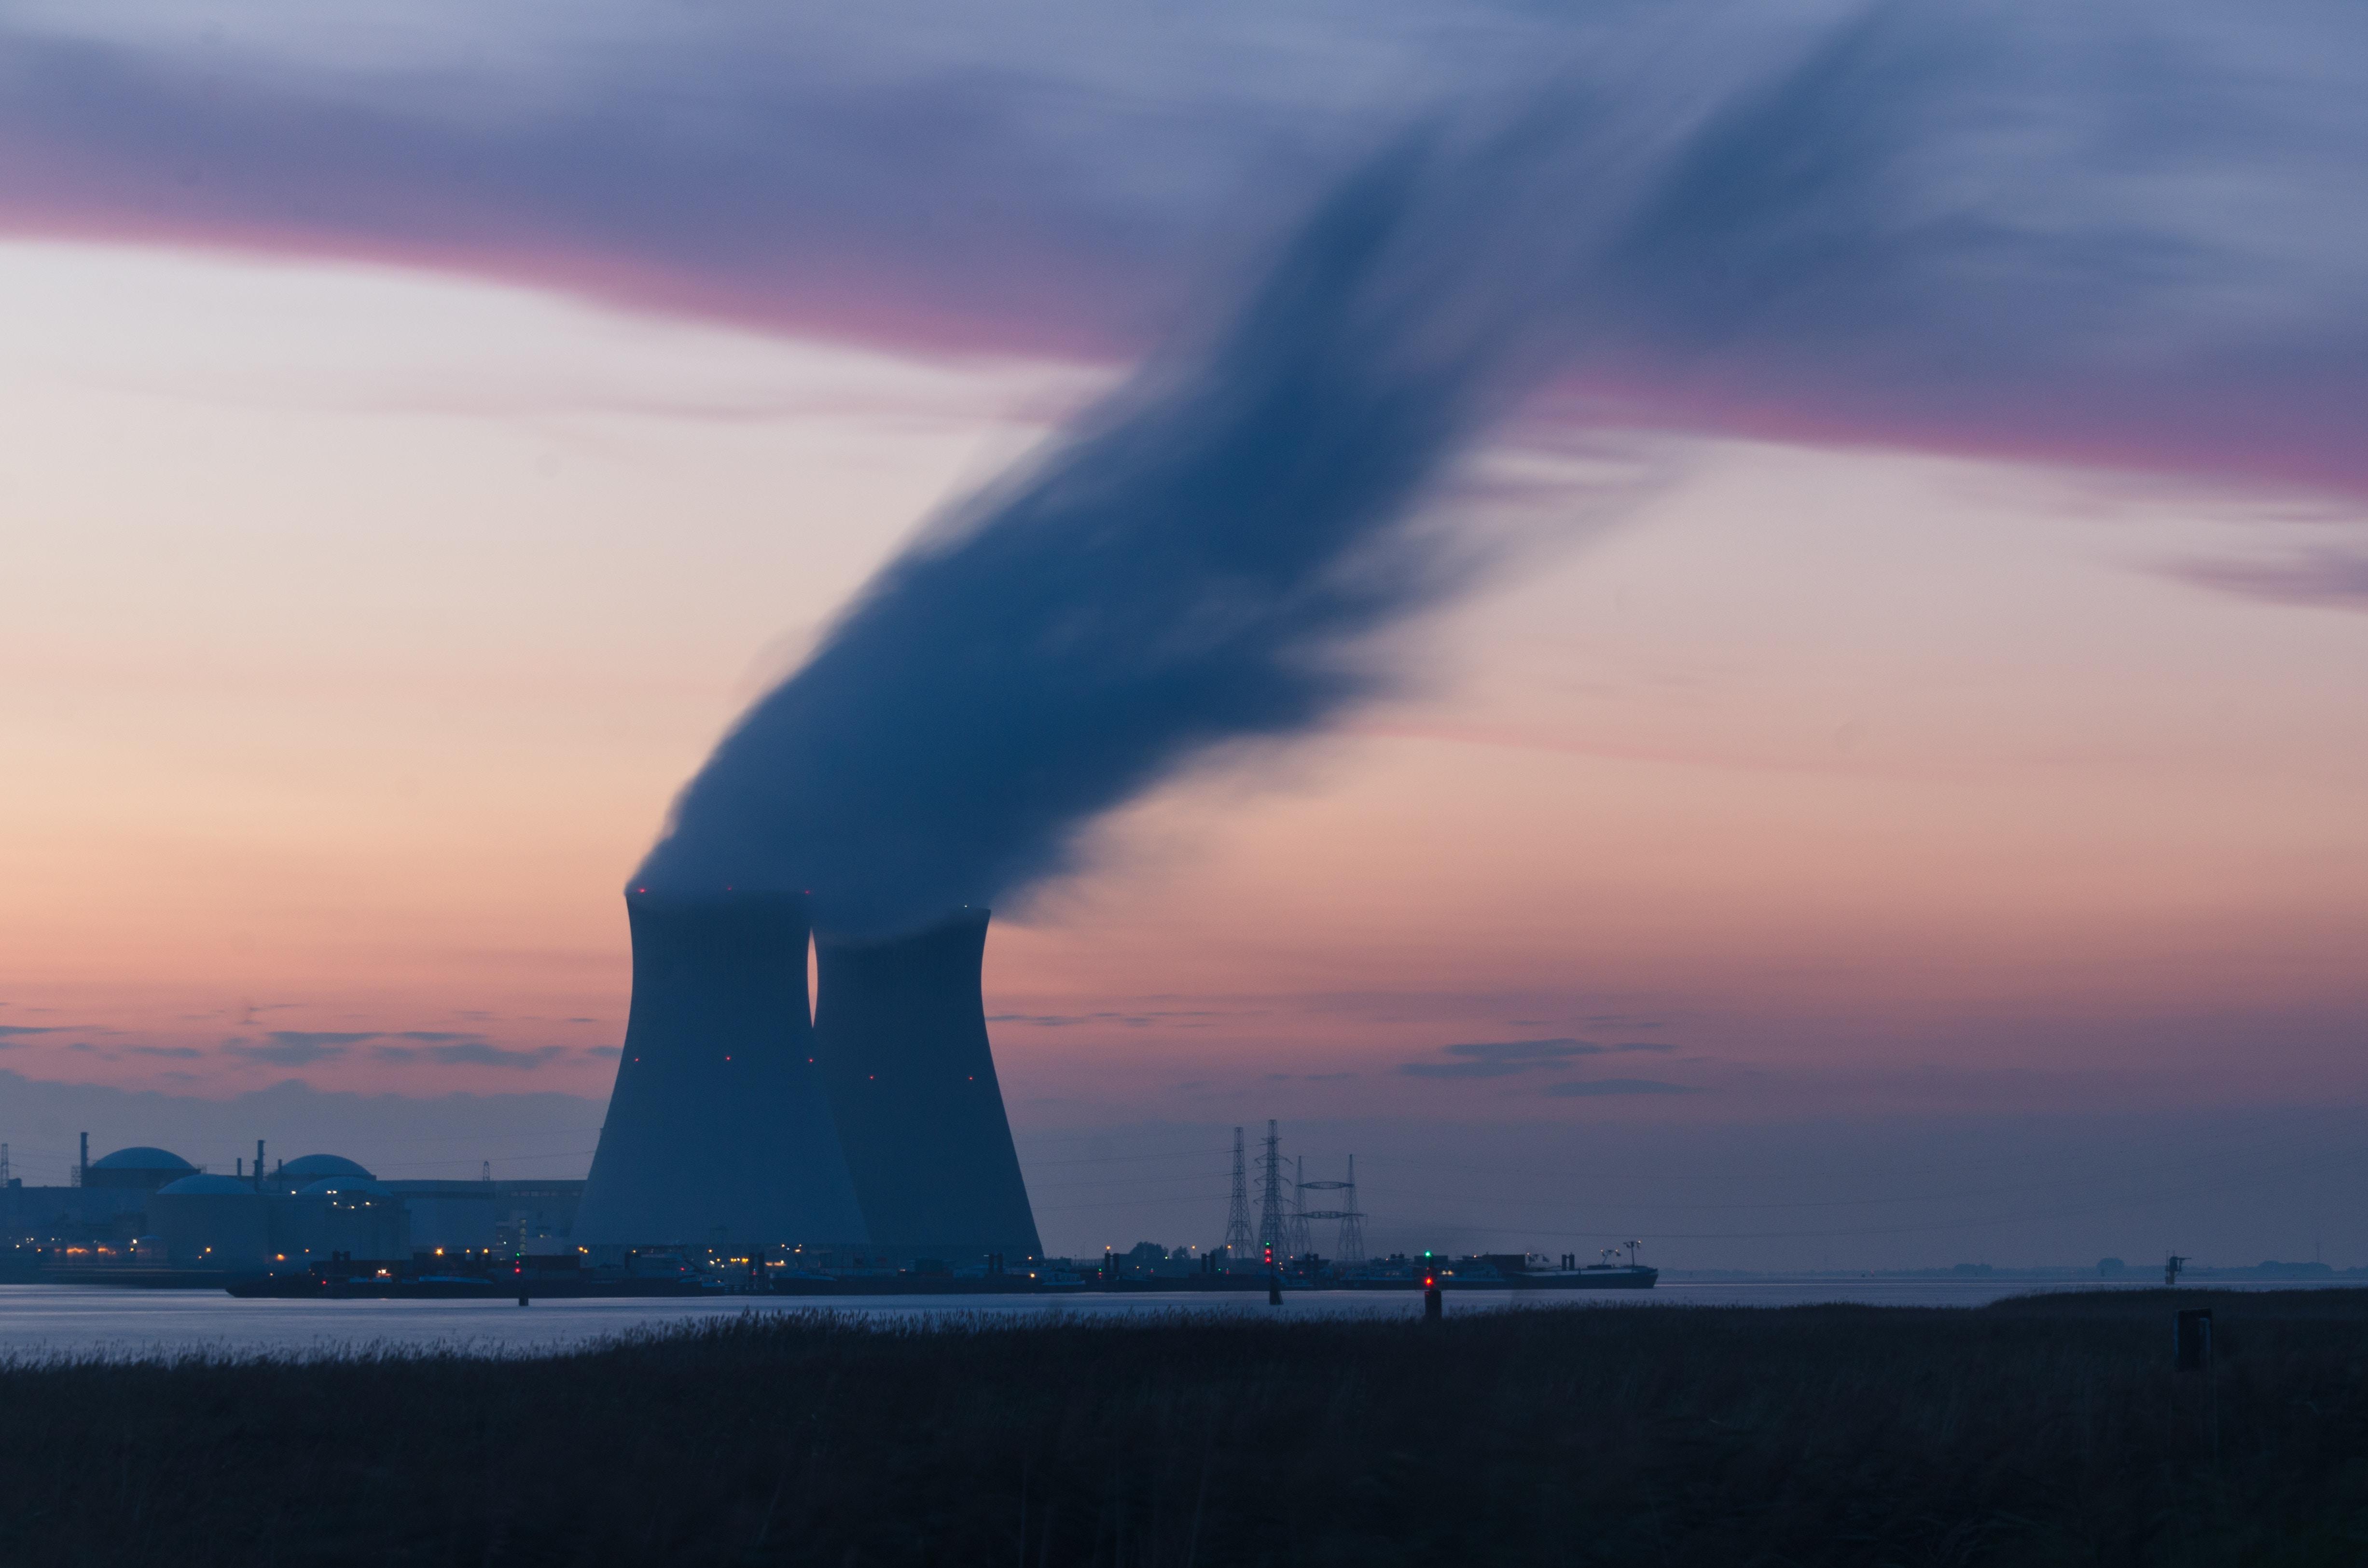 ¿Por qué los ejércitos siguen apostando a la energía atómica?